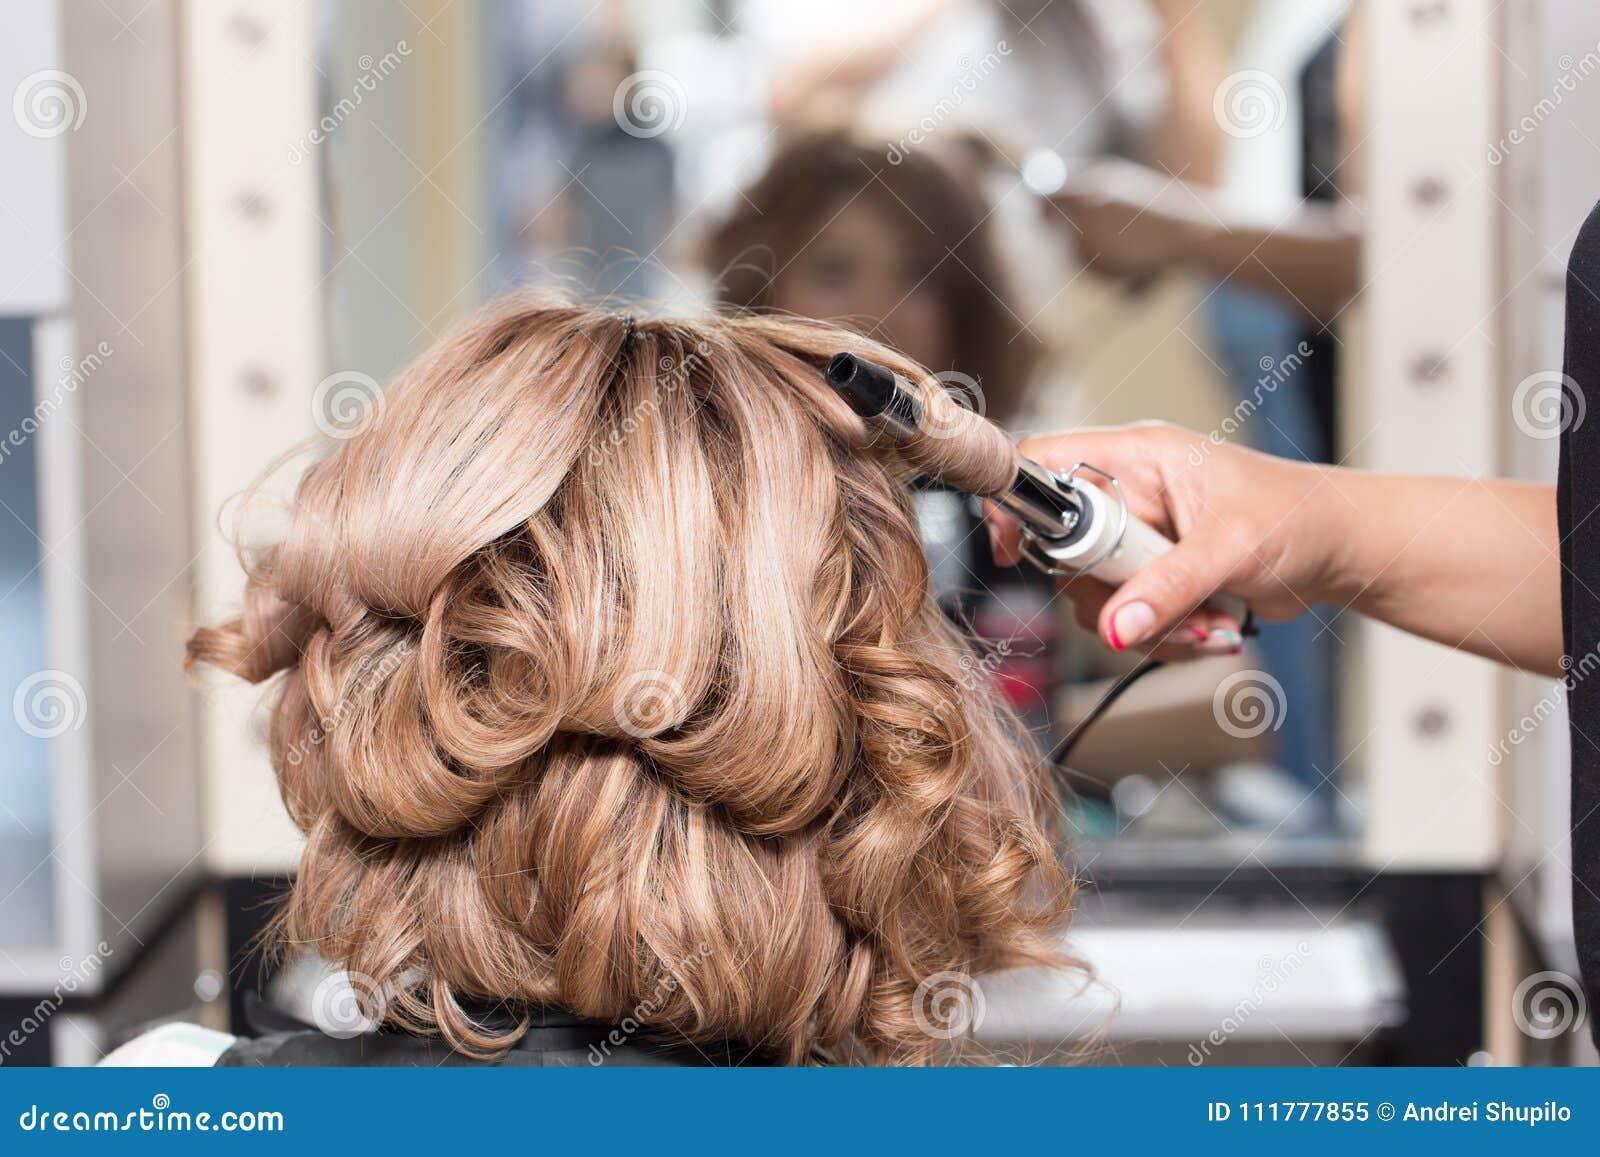 Coiffures femelles sur se courber dans un salon de beauté